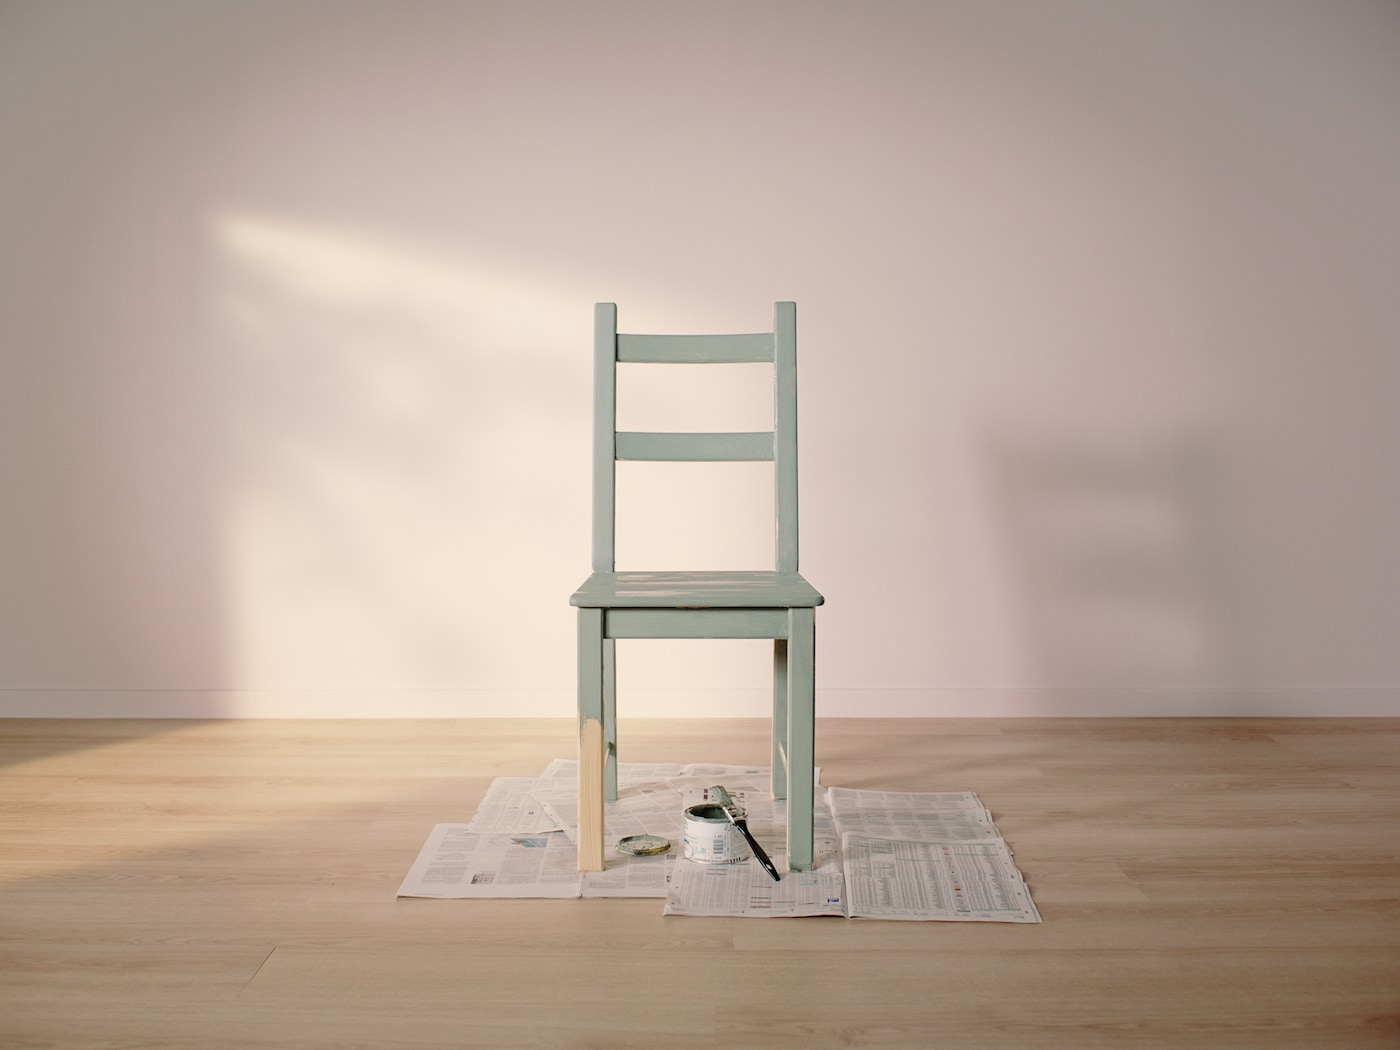 Une chaise IVAR en pin, peinte en vert sauf la moitié d'un pied, posée sur un journal avec un pot de peinture et un pinceau.